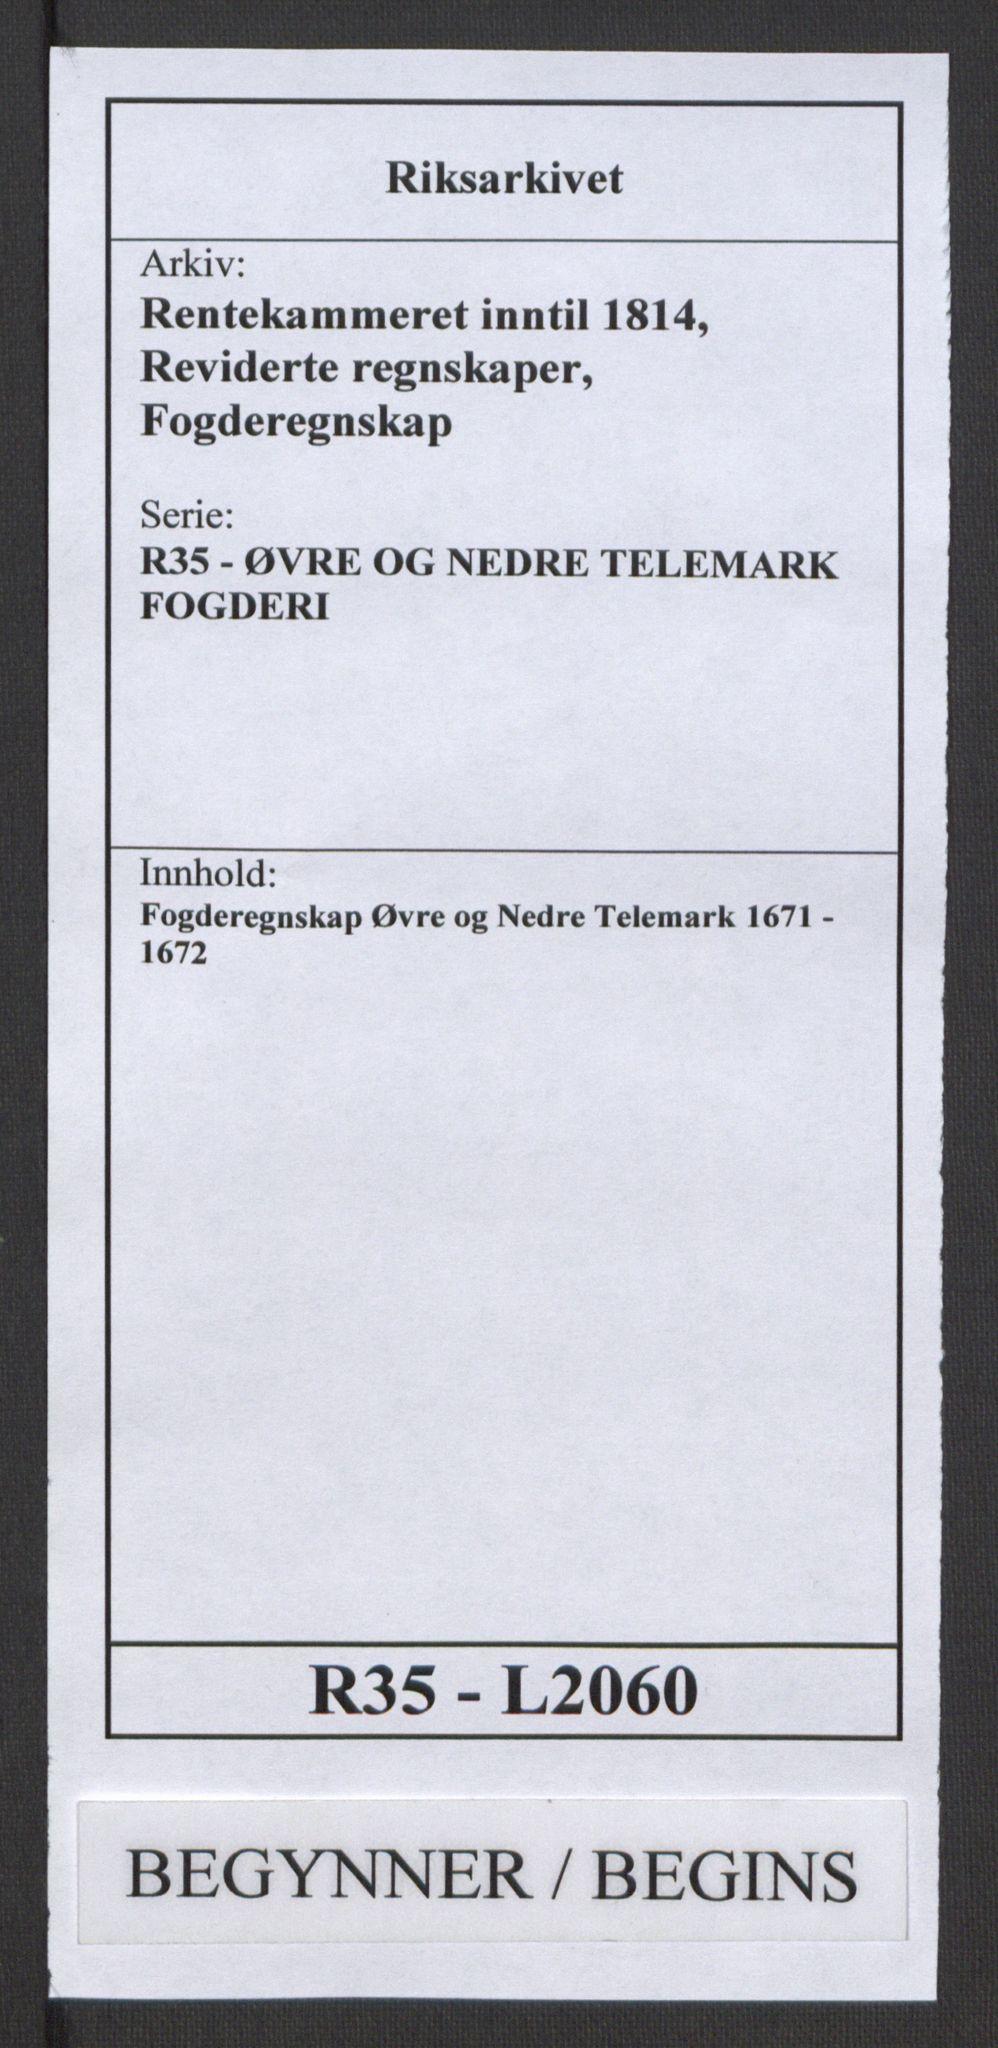 RA, Rentekammeret inntil 1814, Reviderte regnskaper, Fogderegnskap, R35/L2060: Fogderegnskap Øvre og Nedre Telemark, 1671-1672, s. 1